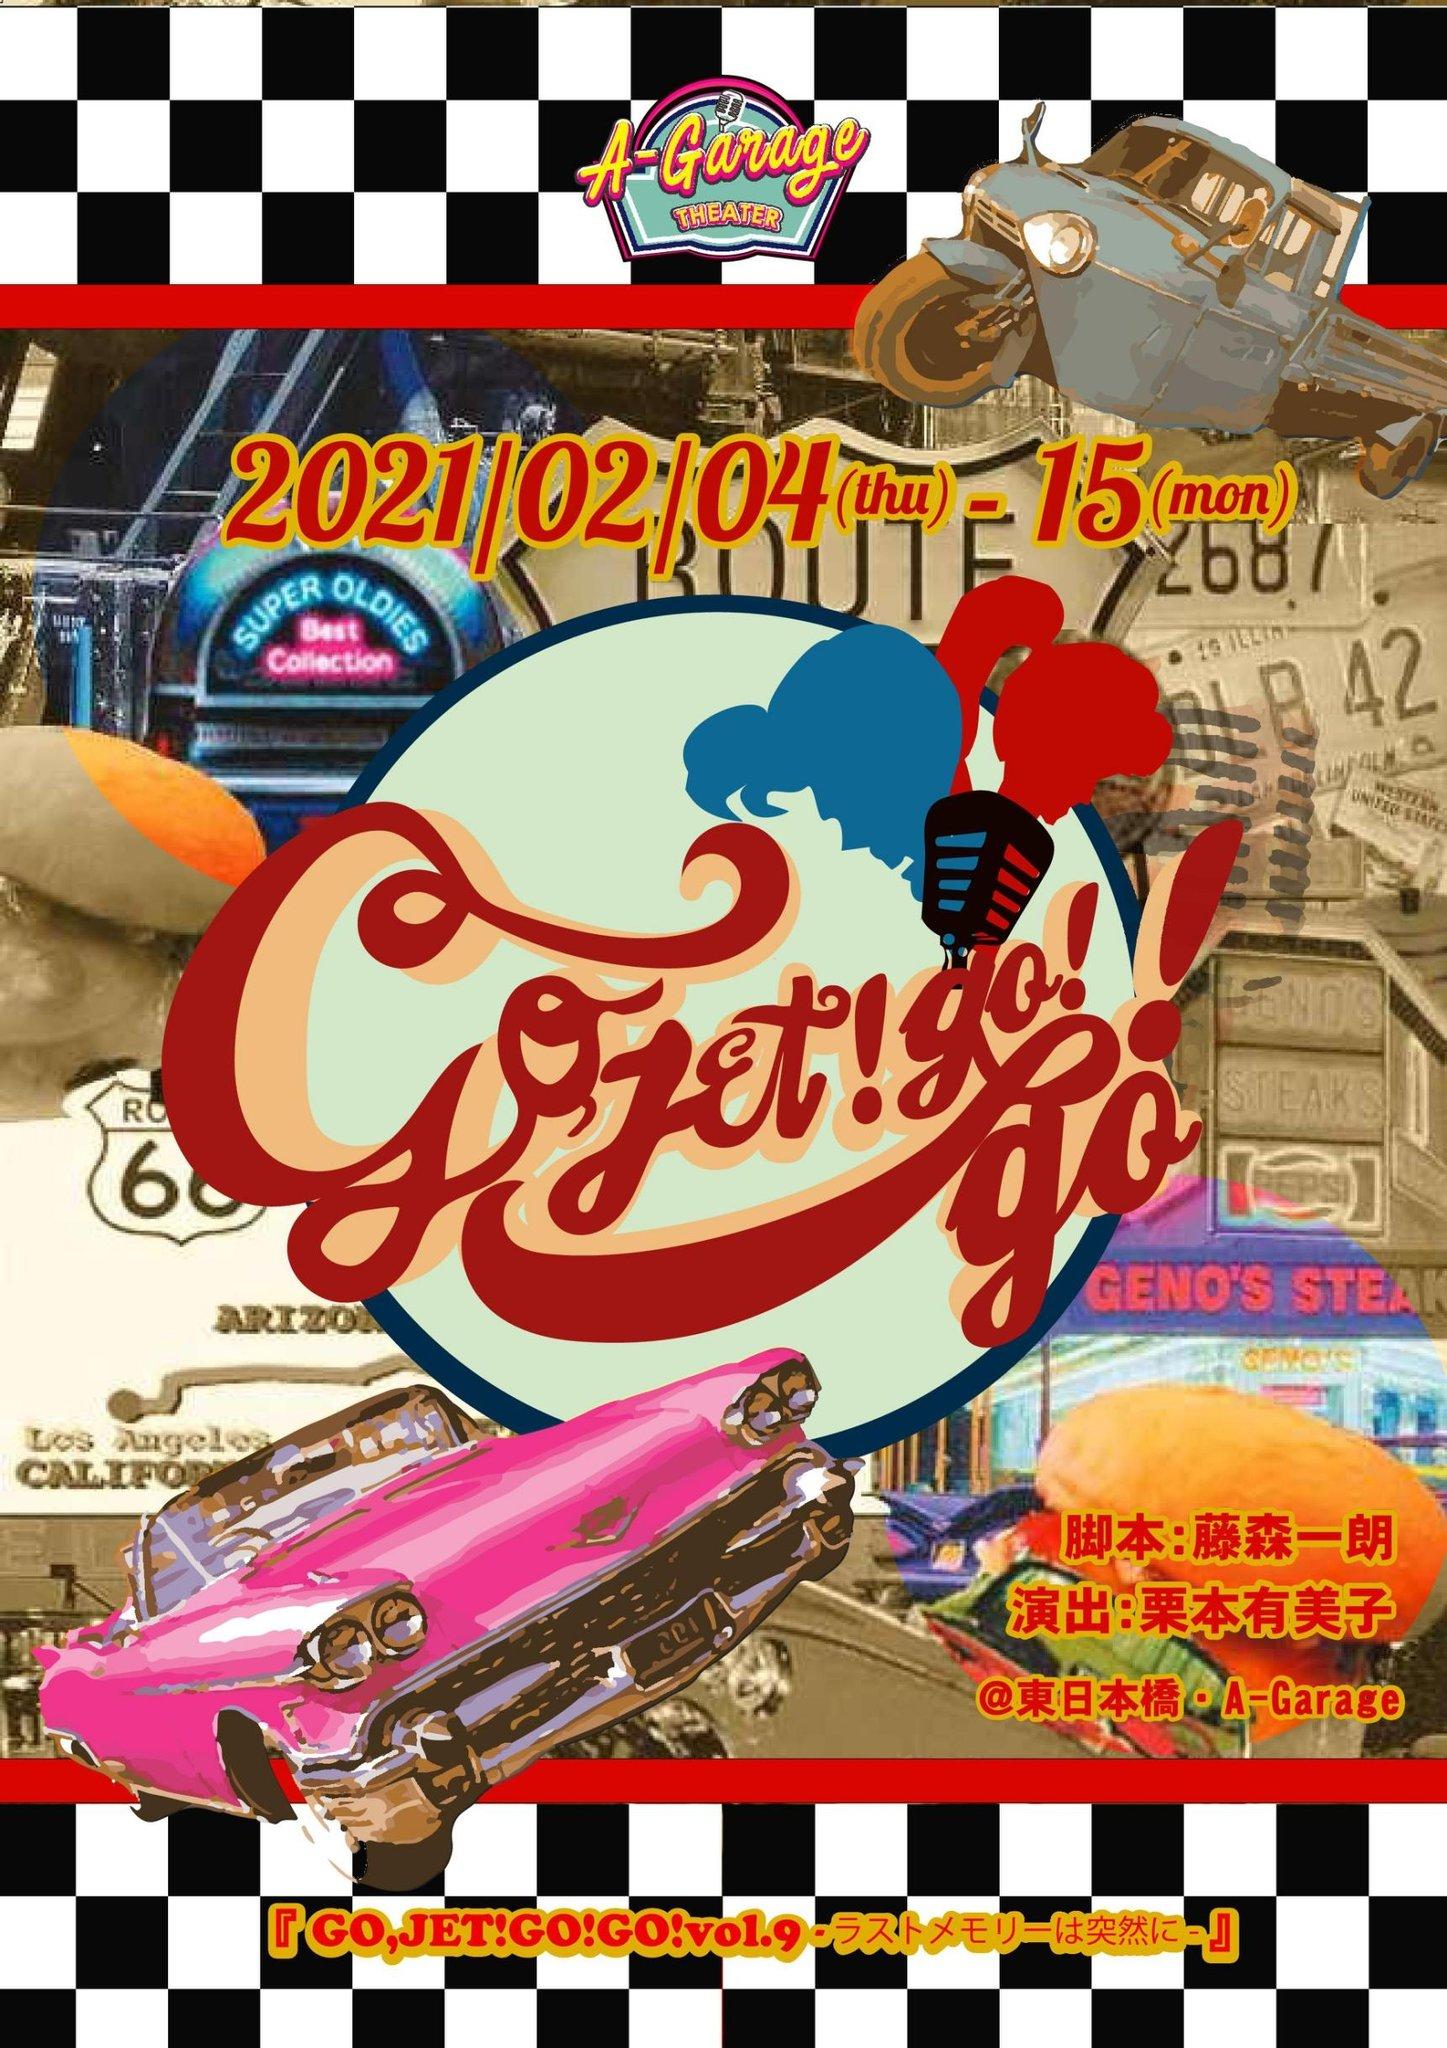 2月15日(月)「GO,JET!GO!GO!vol.9  ~ラストメモリーは突然に~」の舞台後のアフターライブにゲストで出演します!!!